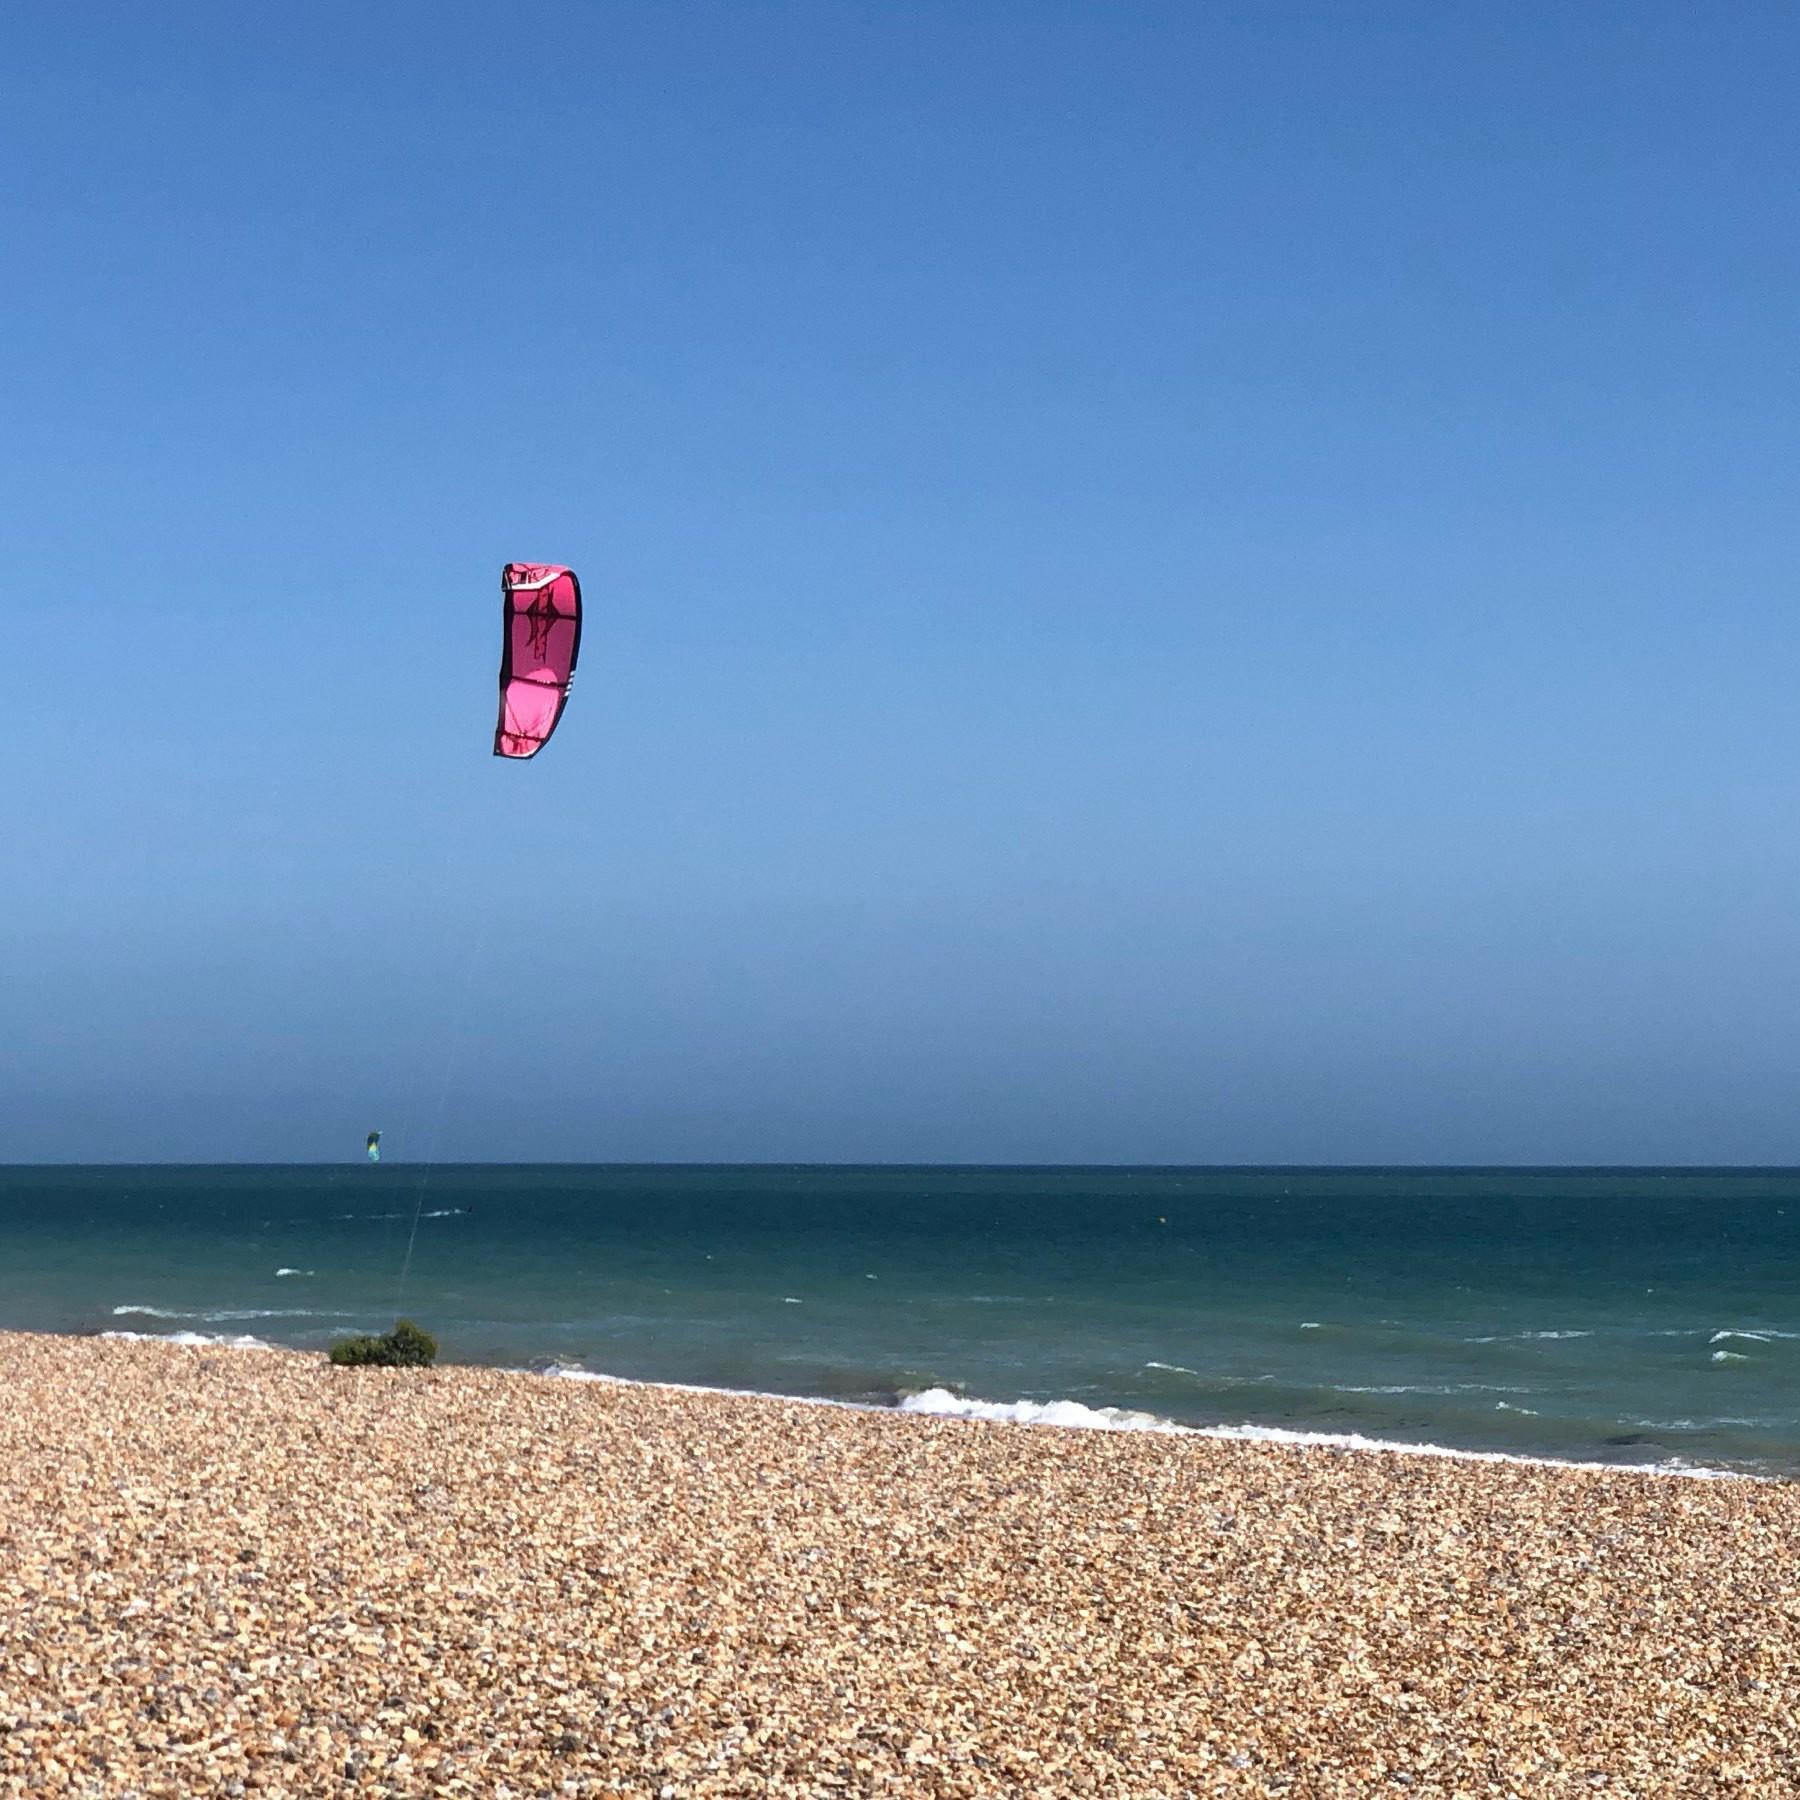 kite-surfer on Shoreham Beach